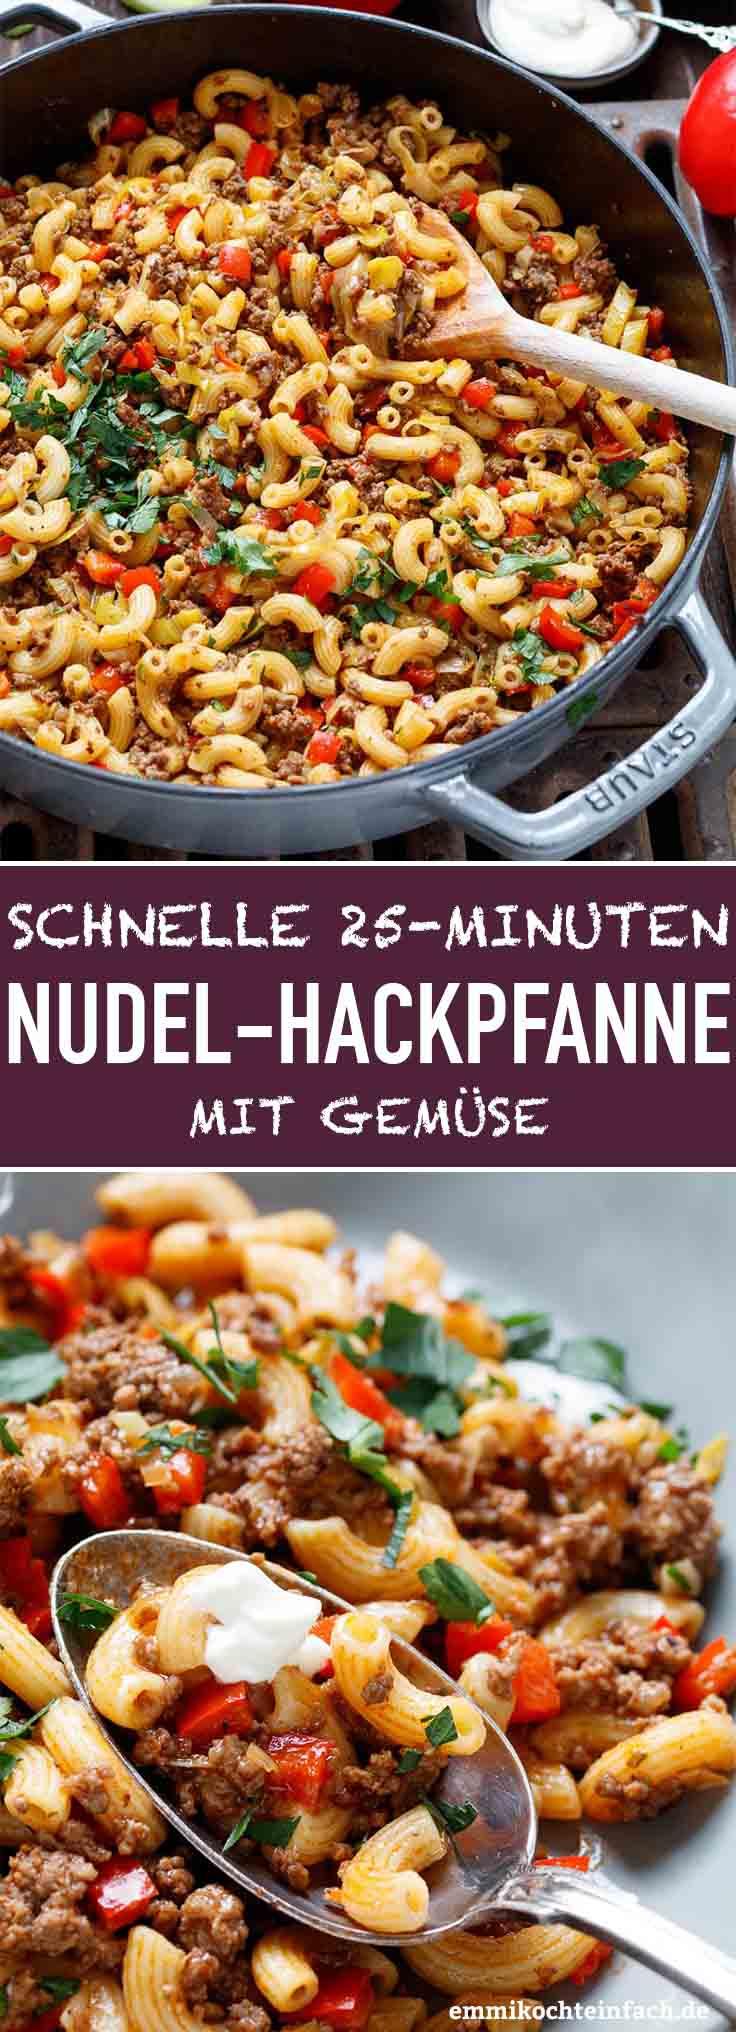 Schnelle Hackfleischpfanne mit Hörnchennudeln - www.emmikochteinfach.de